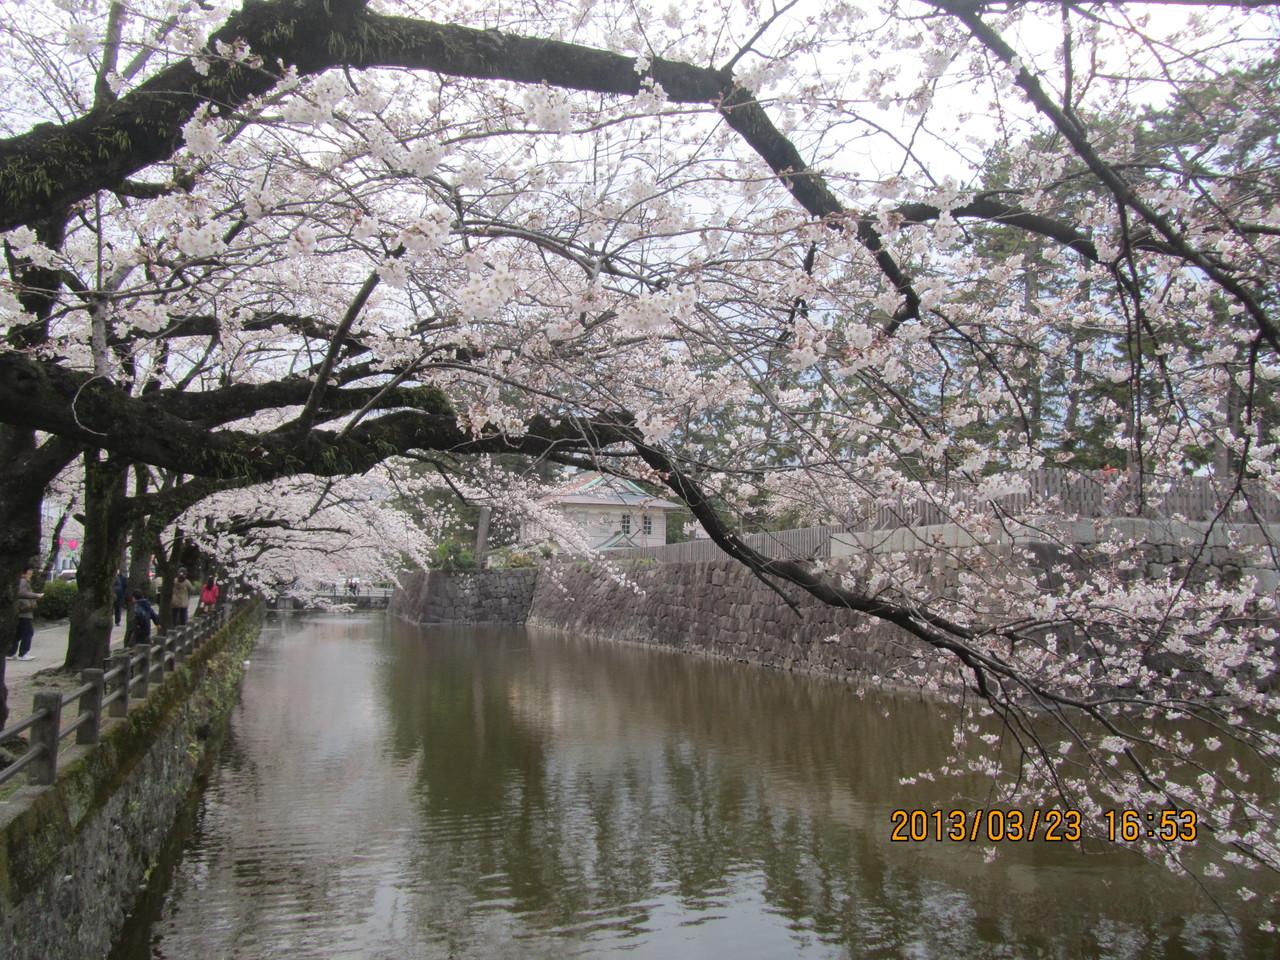 秀吉に切腹させられた北条氏の武将達の無念さを想像しながら、美しい桜を眺めるのも感慨深いものです。